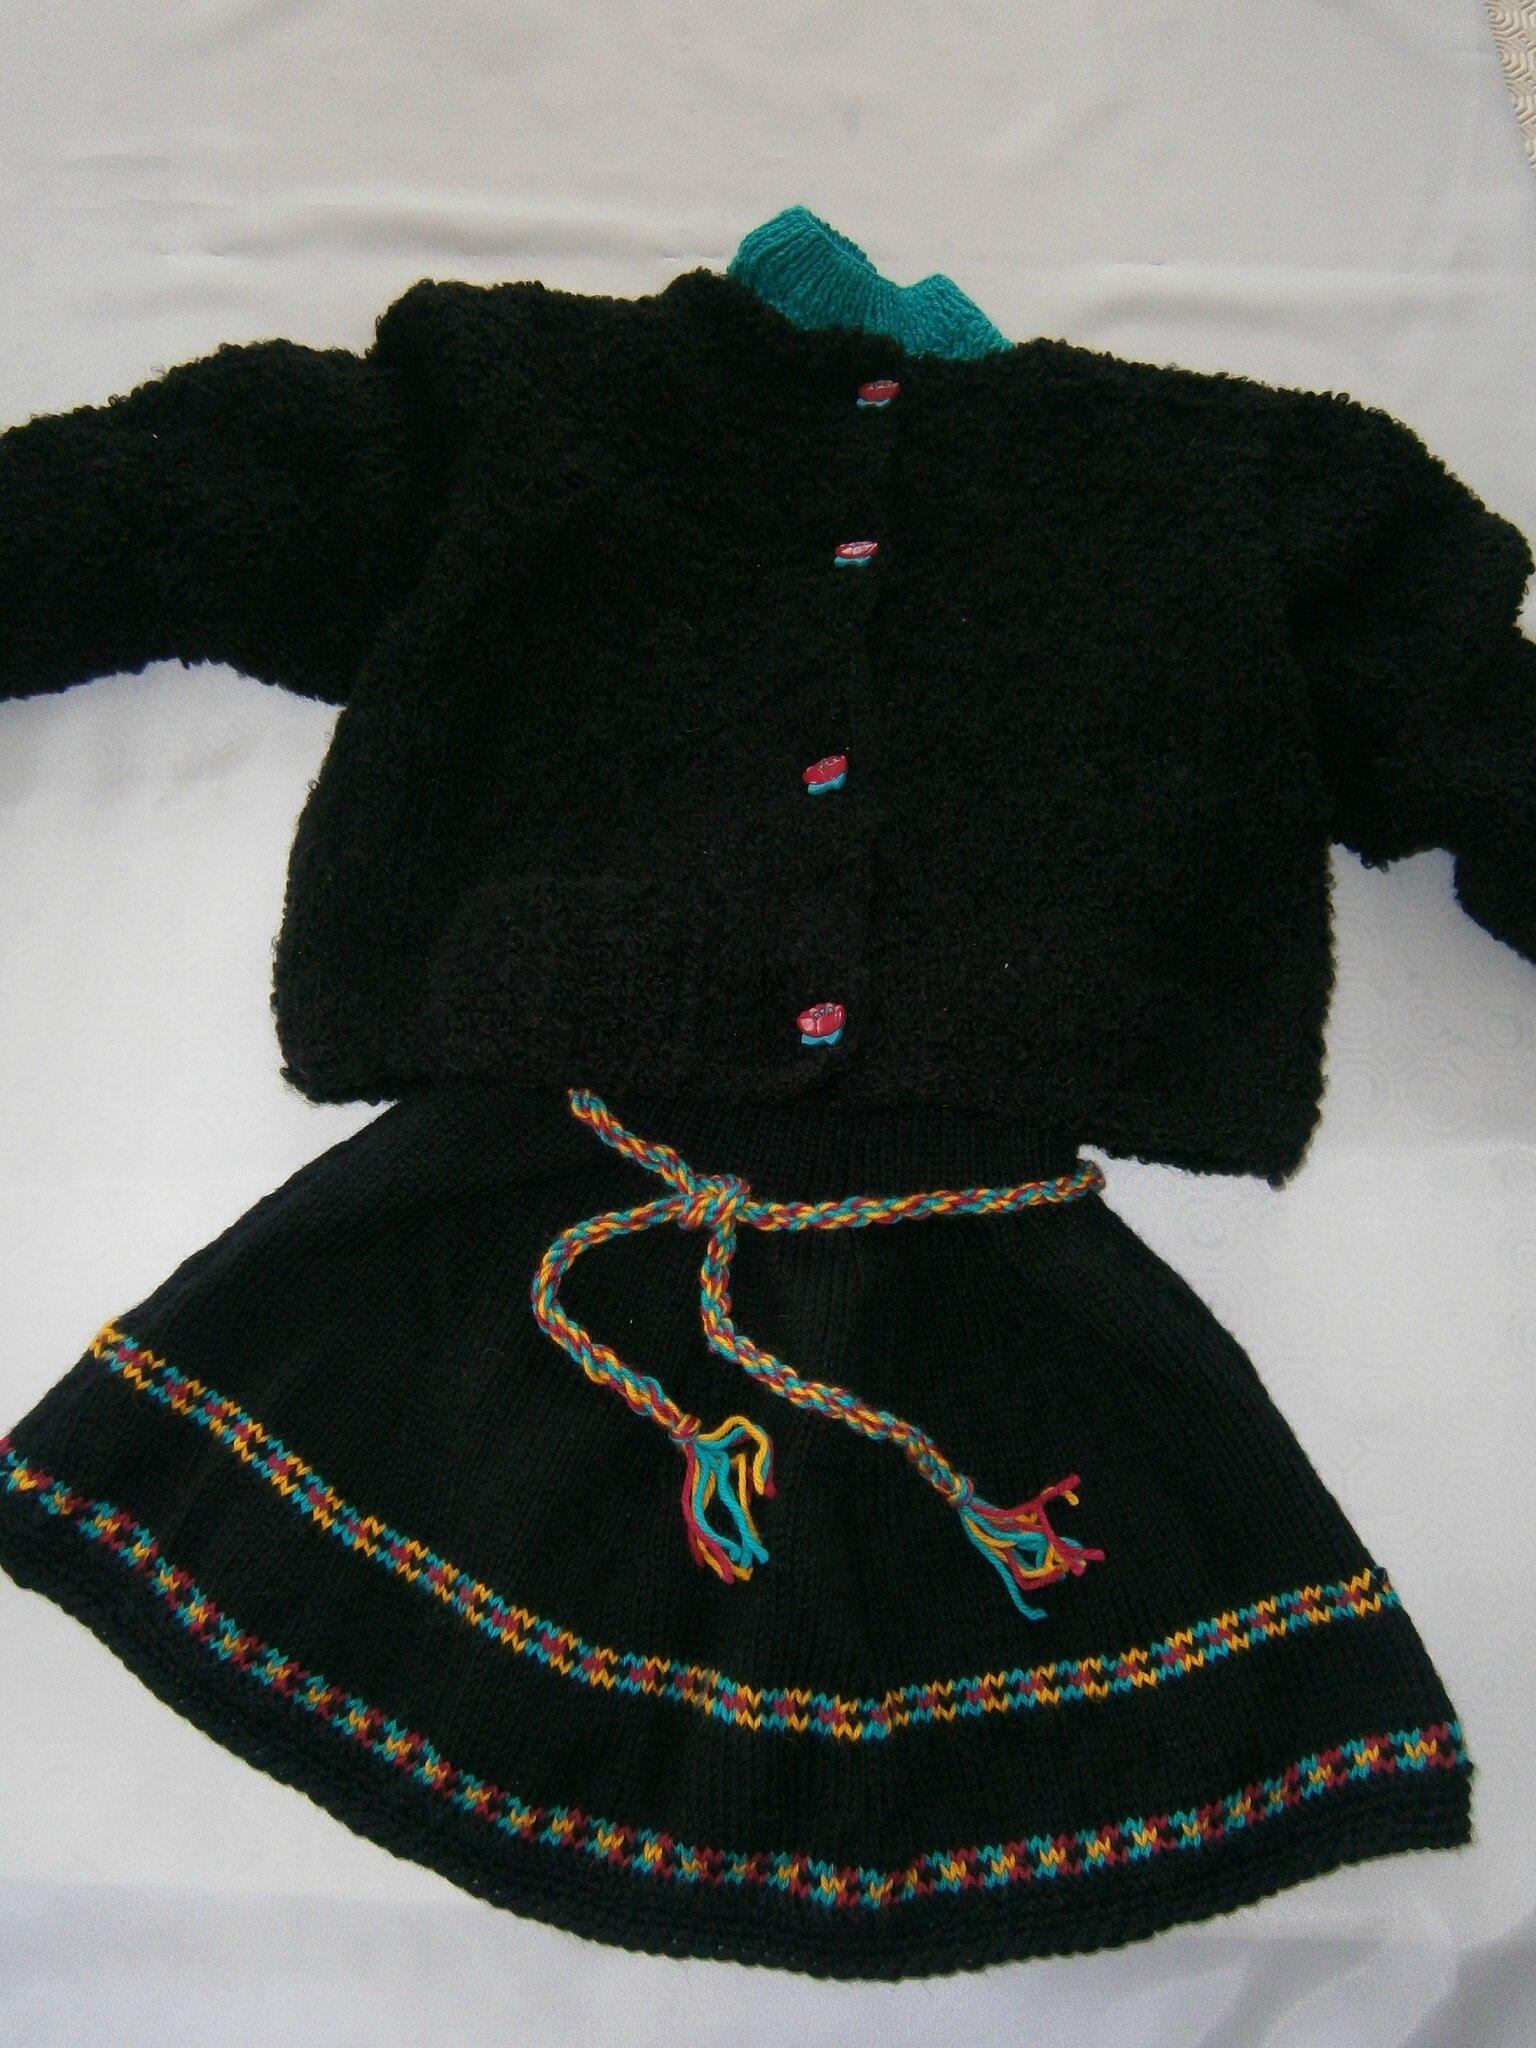 J'ai enfin ! fini mon ensemble petite fille (veste, jupe et pull) taille 4 ans, pour un dimanche à la campagne